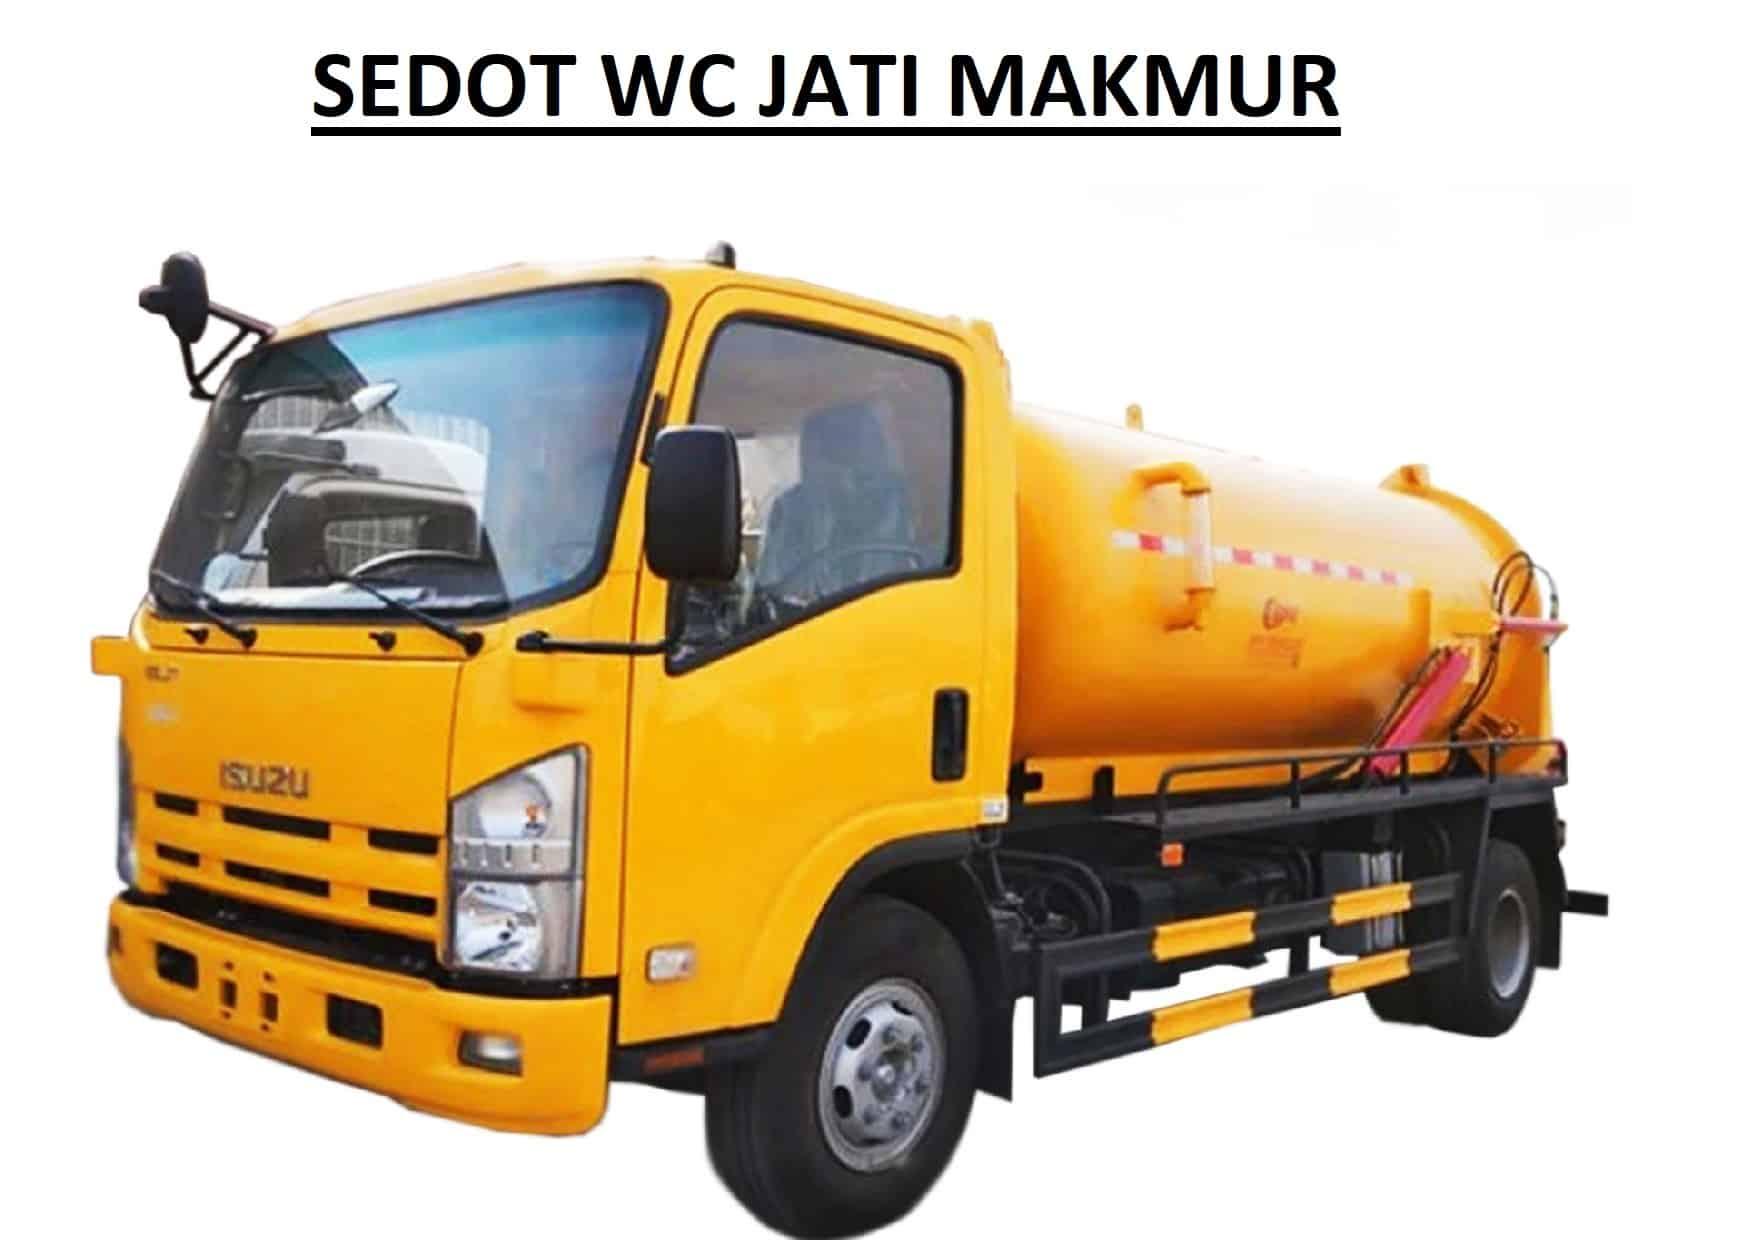 Sedot WC Jati Makmur